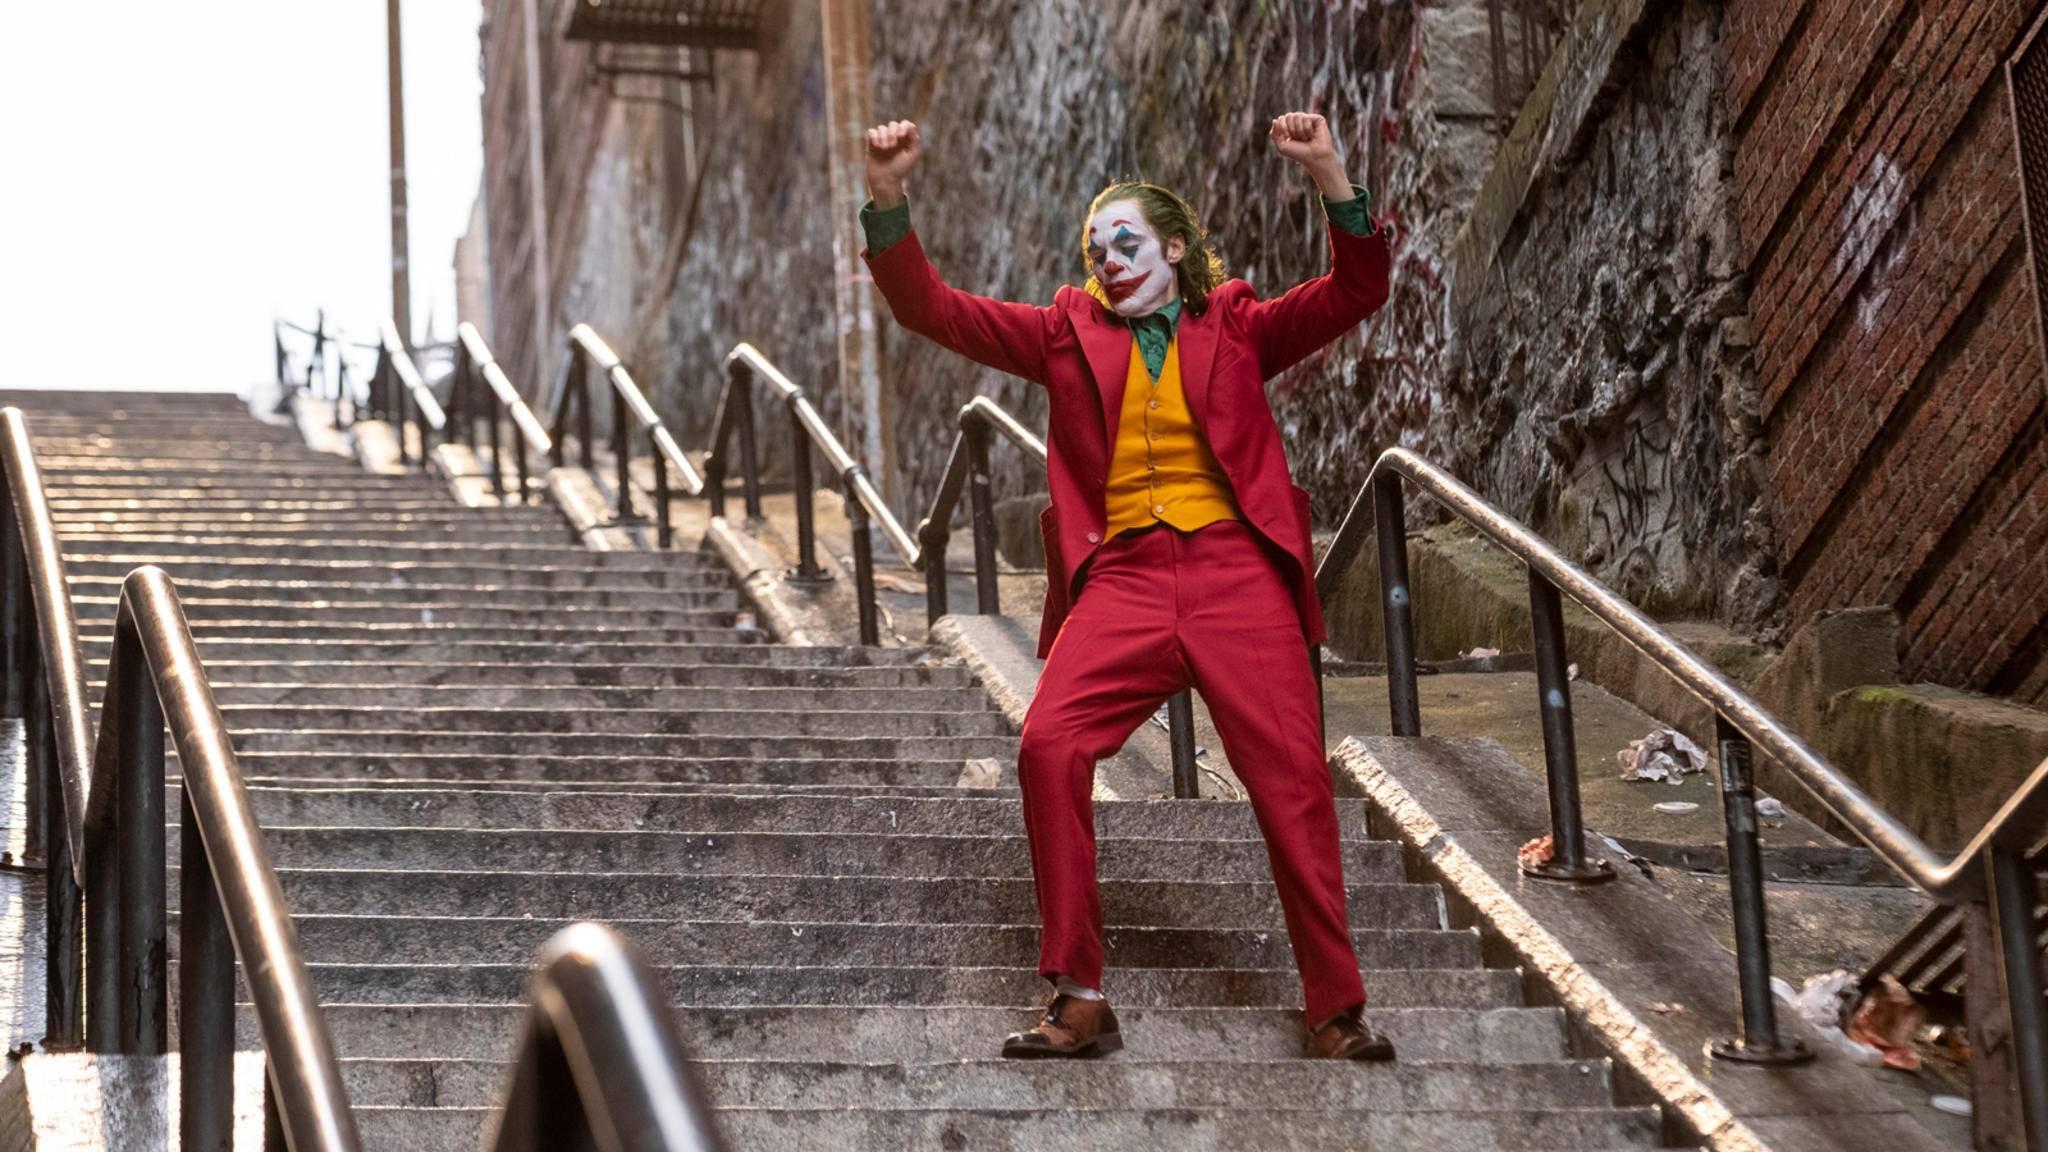 """Für """"Joker"""" regnet es schon vor der Premiere reichlich Lob."""